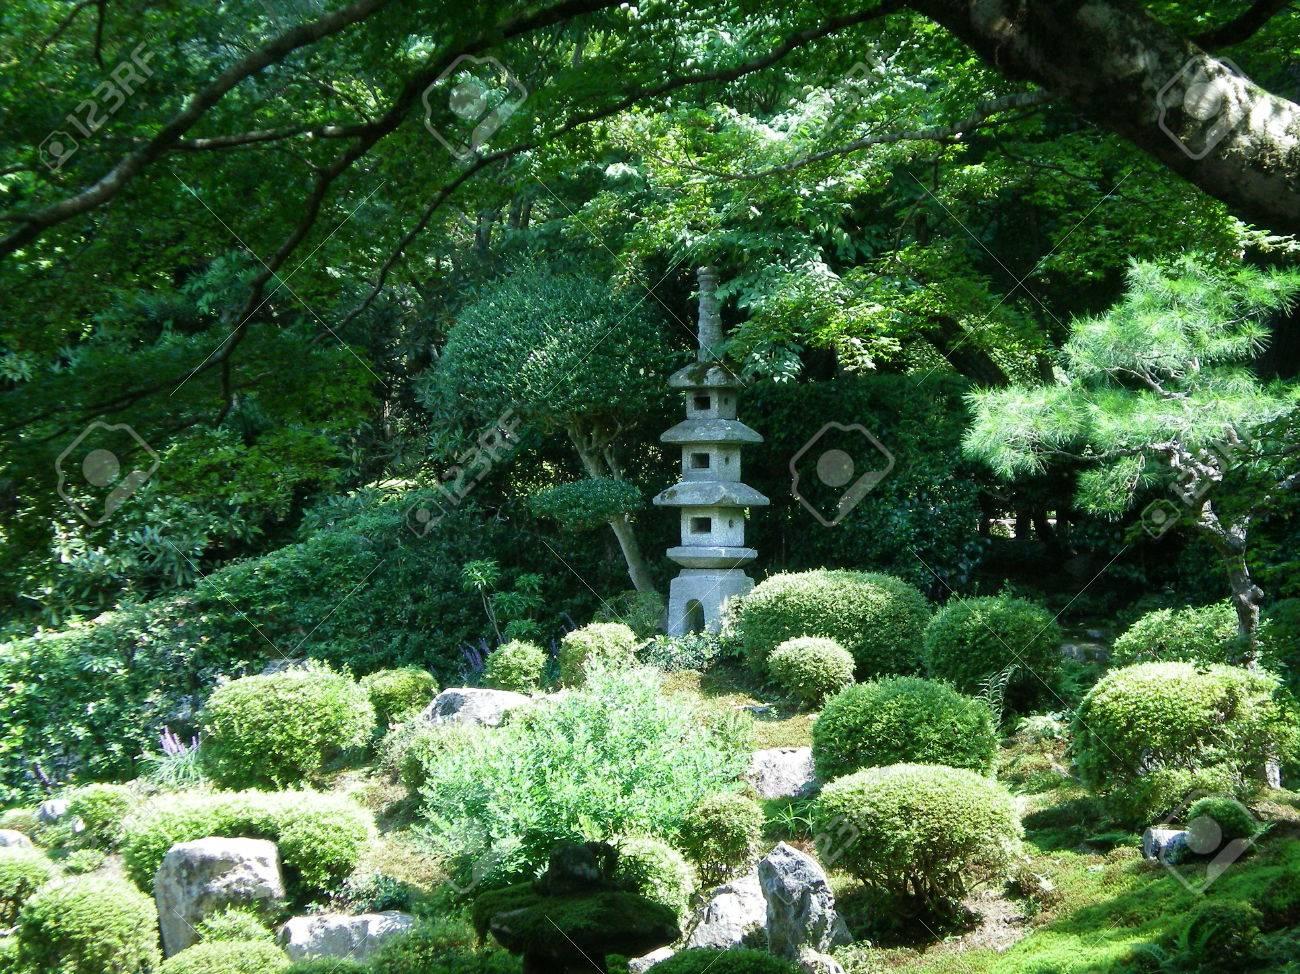 Piccoli Alberi Da Giardino un santuario di pietra giapponese in un tipico giardino formale. È  circondato da piccoli arbusti e rocce verdi potati. un albero sovrasta il  giardino.